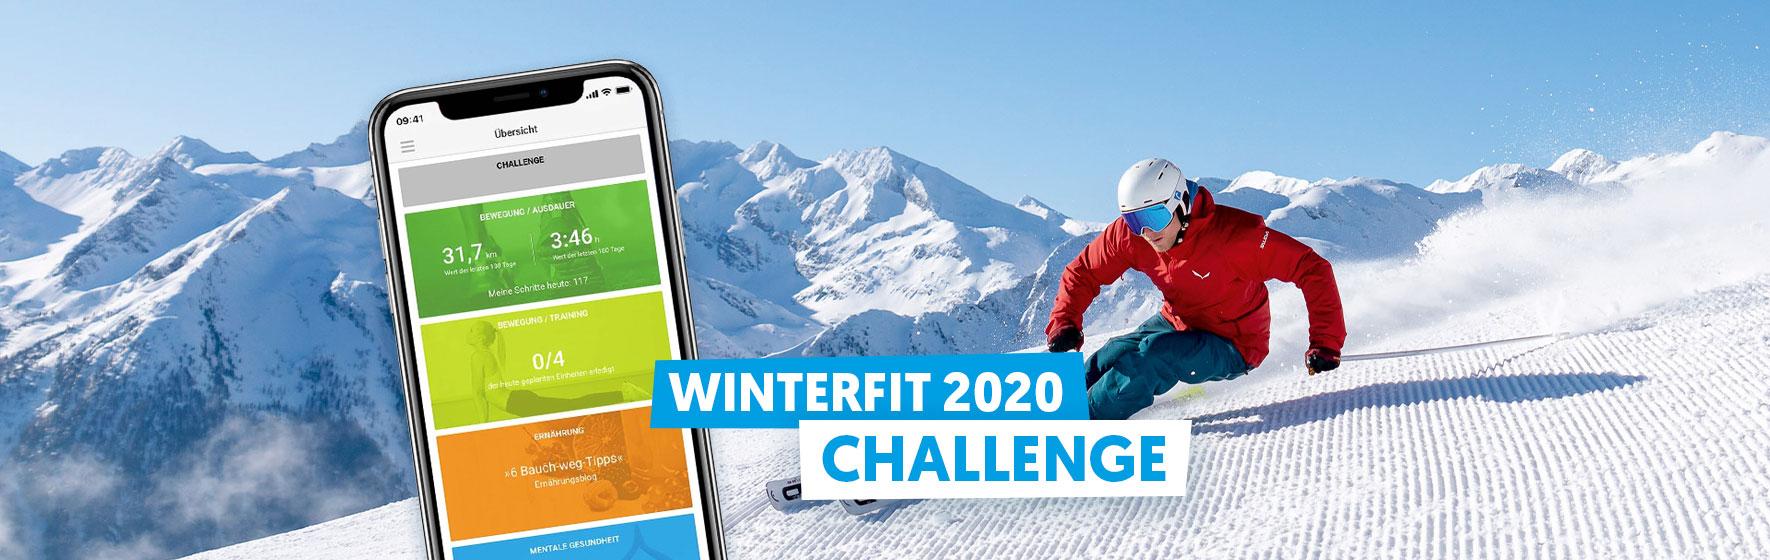 winterfit challenge 2020